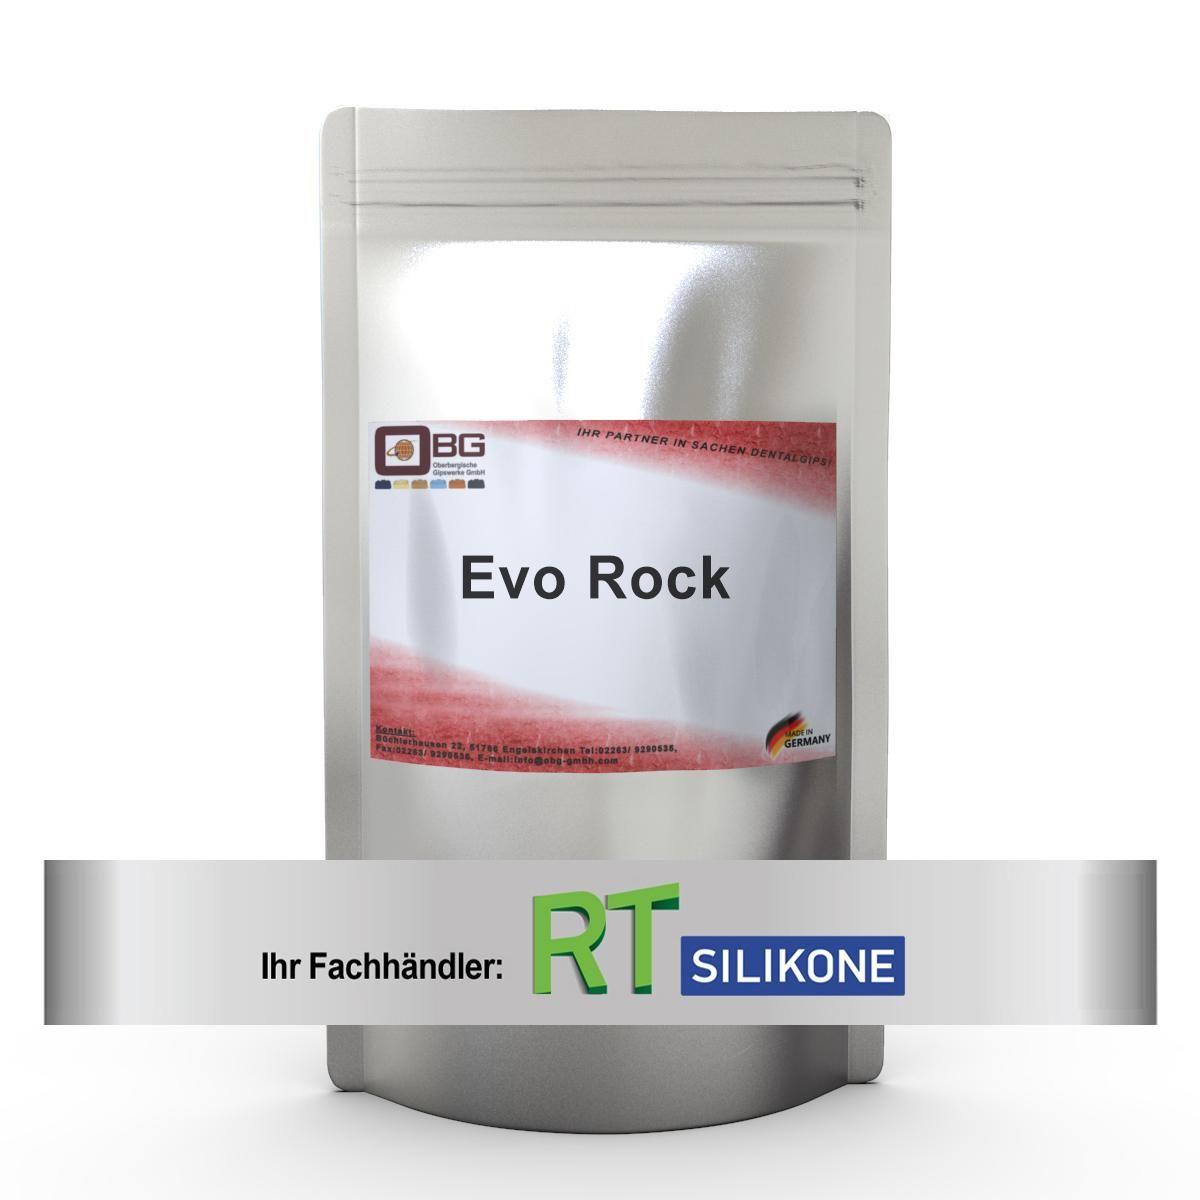 EVO Rock Zahnkranzgips mandarin 5:1